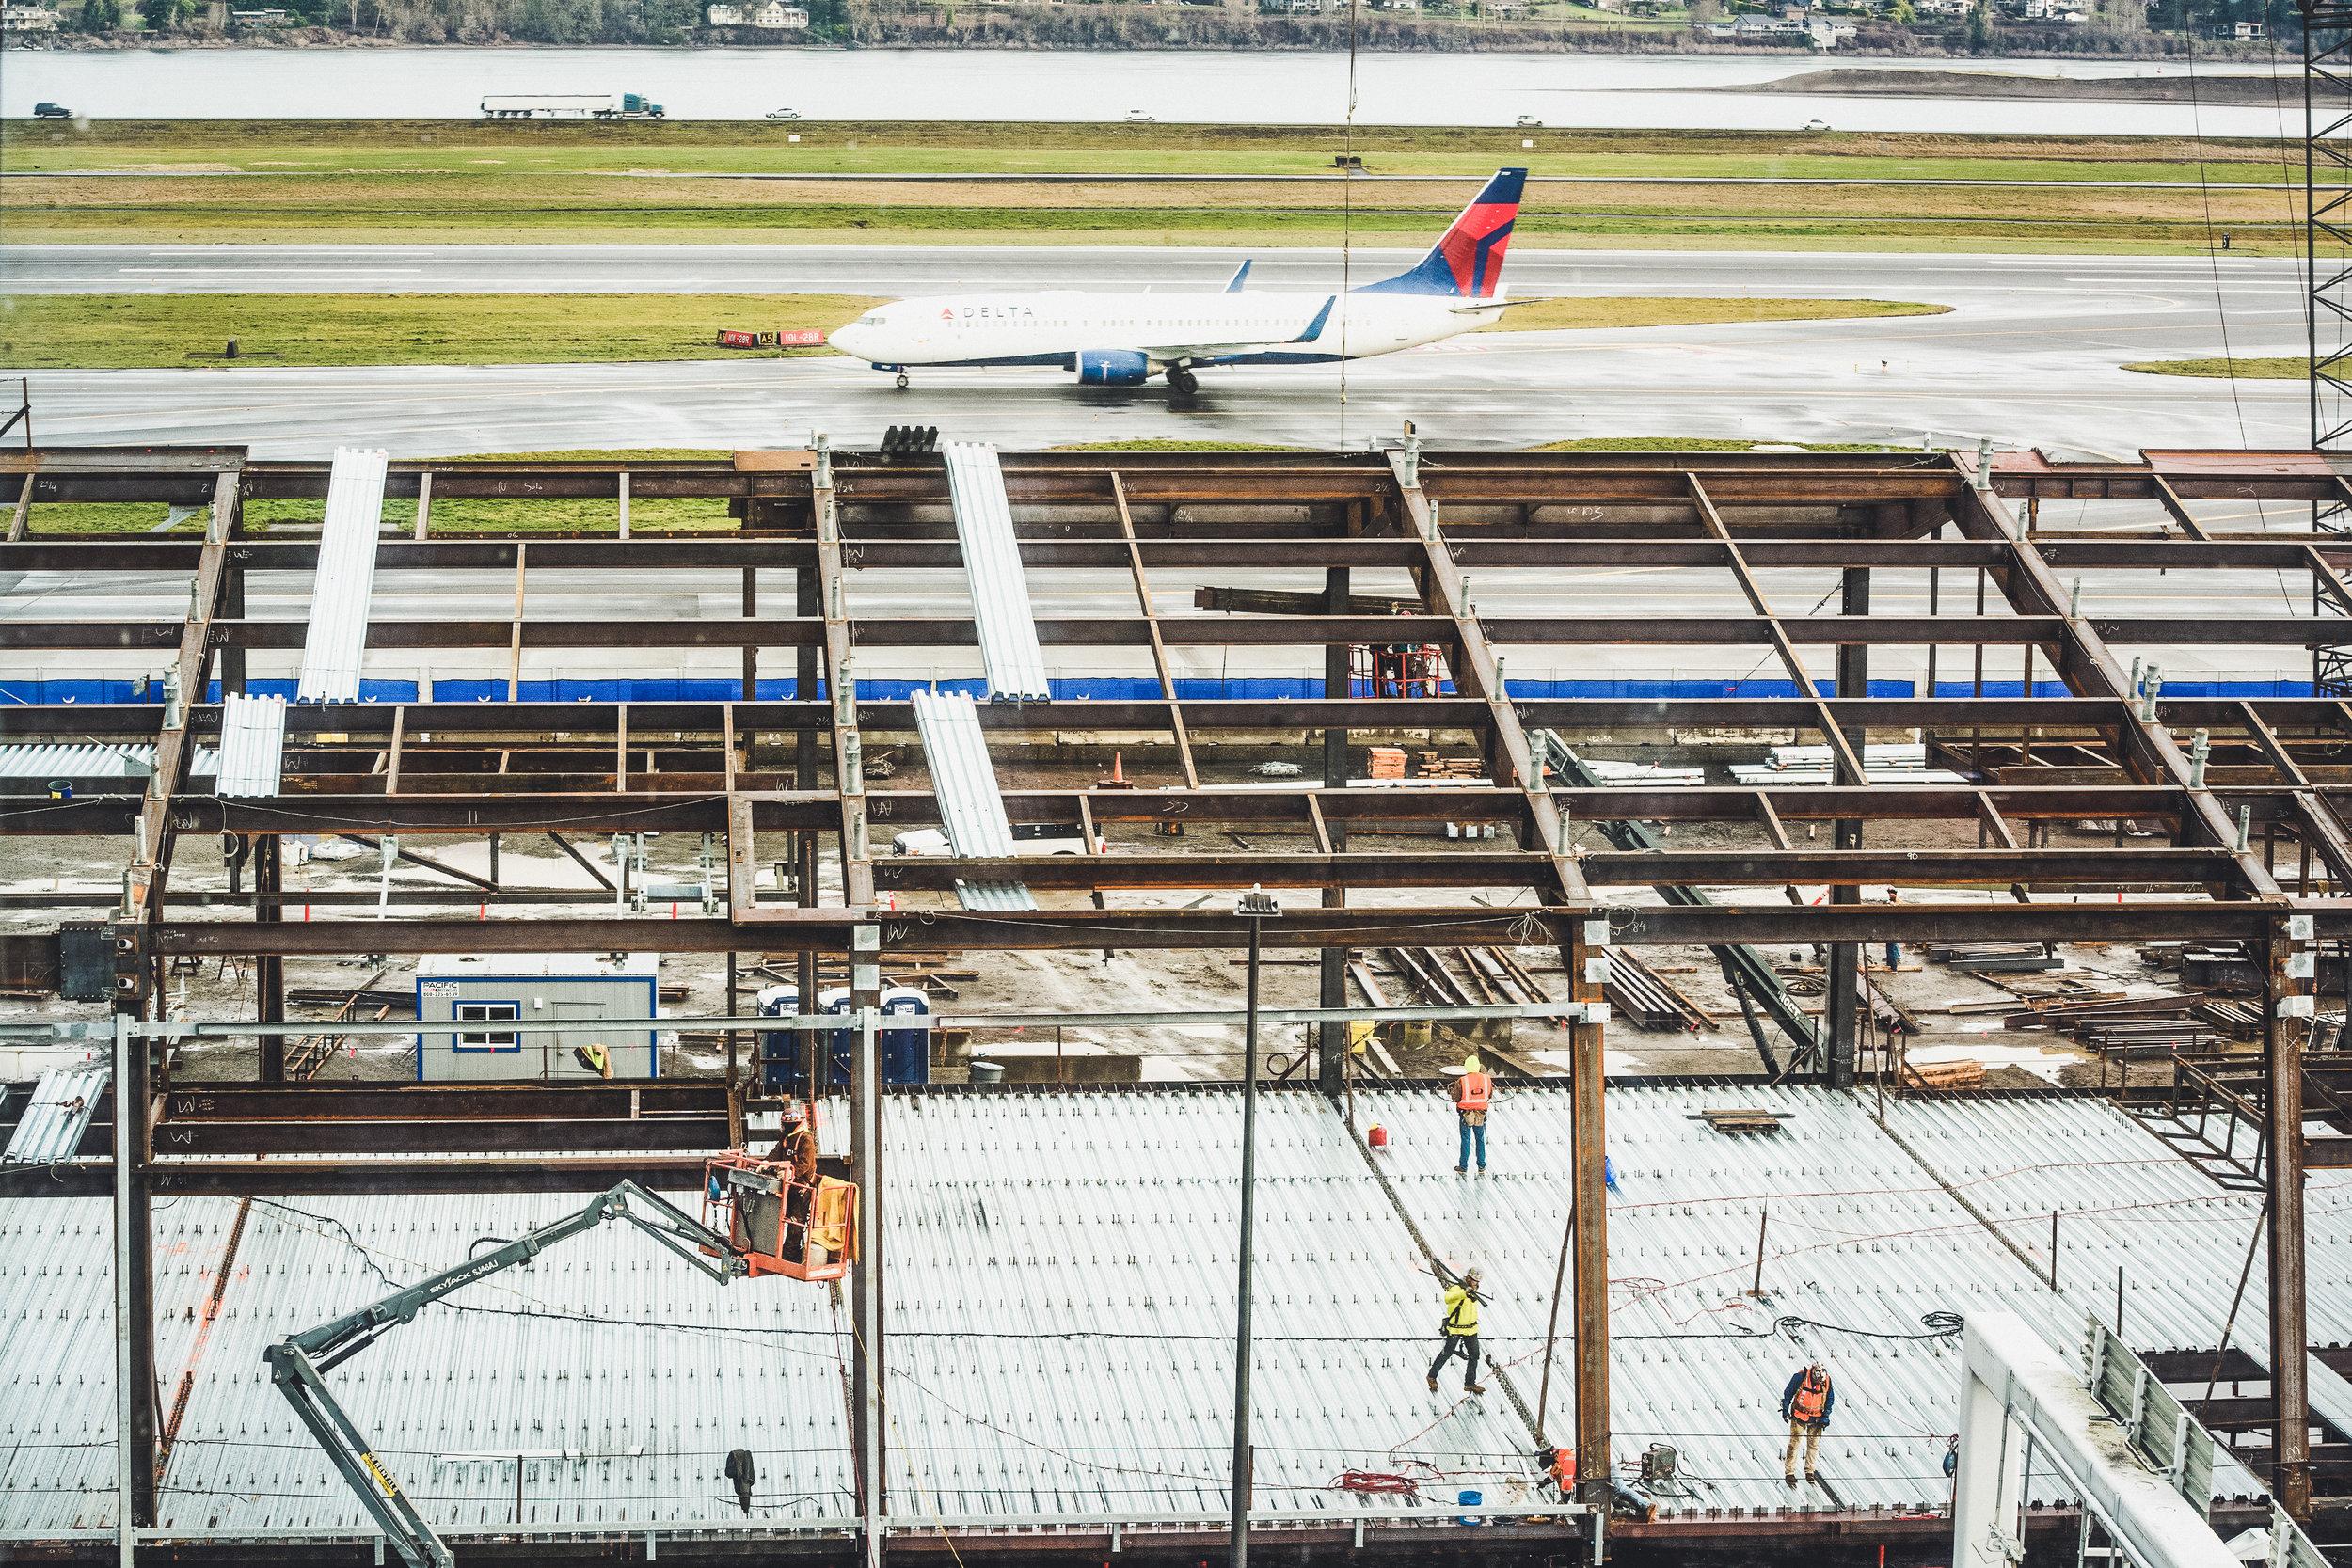 Concourse_E.jpg